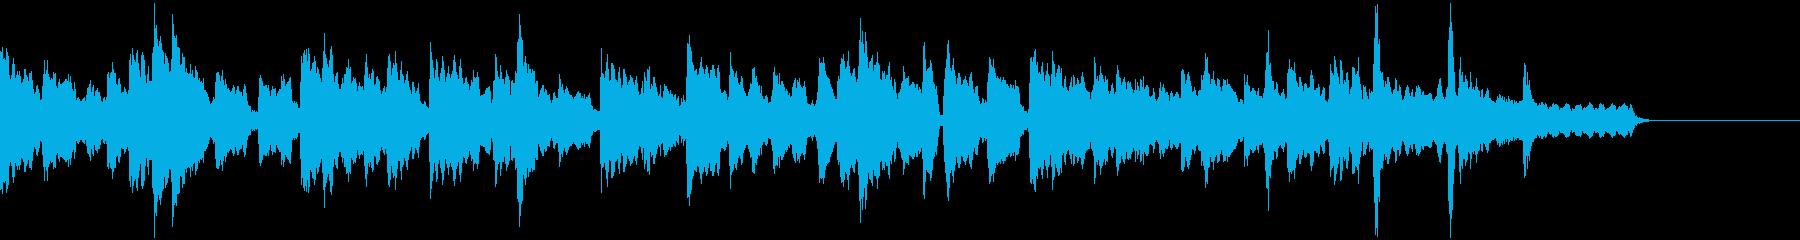 ゲーム・アニメ・CM向けオルガンバラードの再生済みの波形